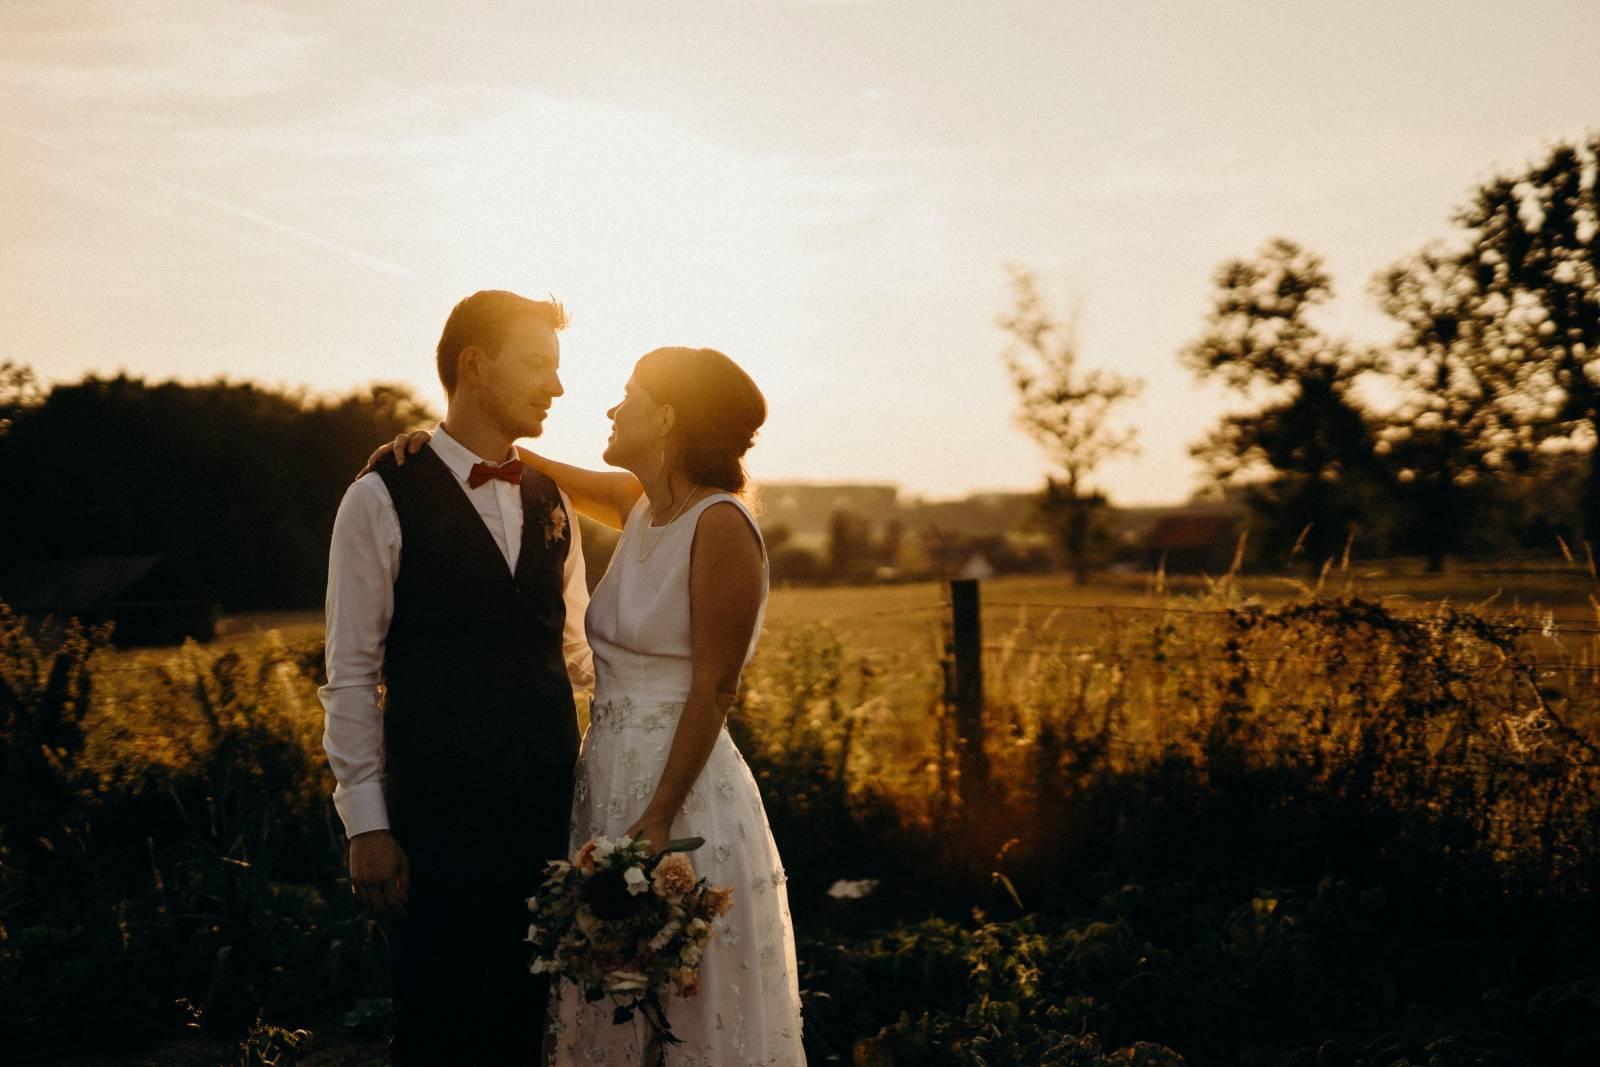 Frankie and Fish - Trouwfotograaf - Huwelijksfotograaf - Bruidsfotograaf - House of Weddings - 31